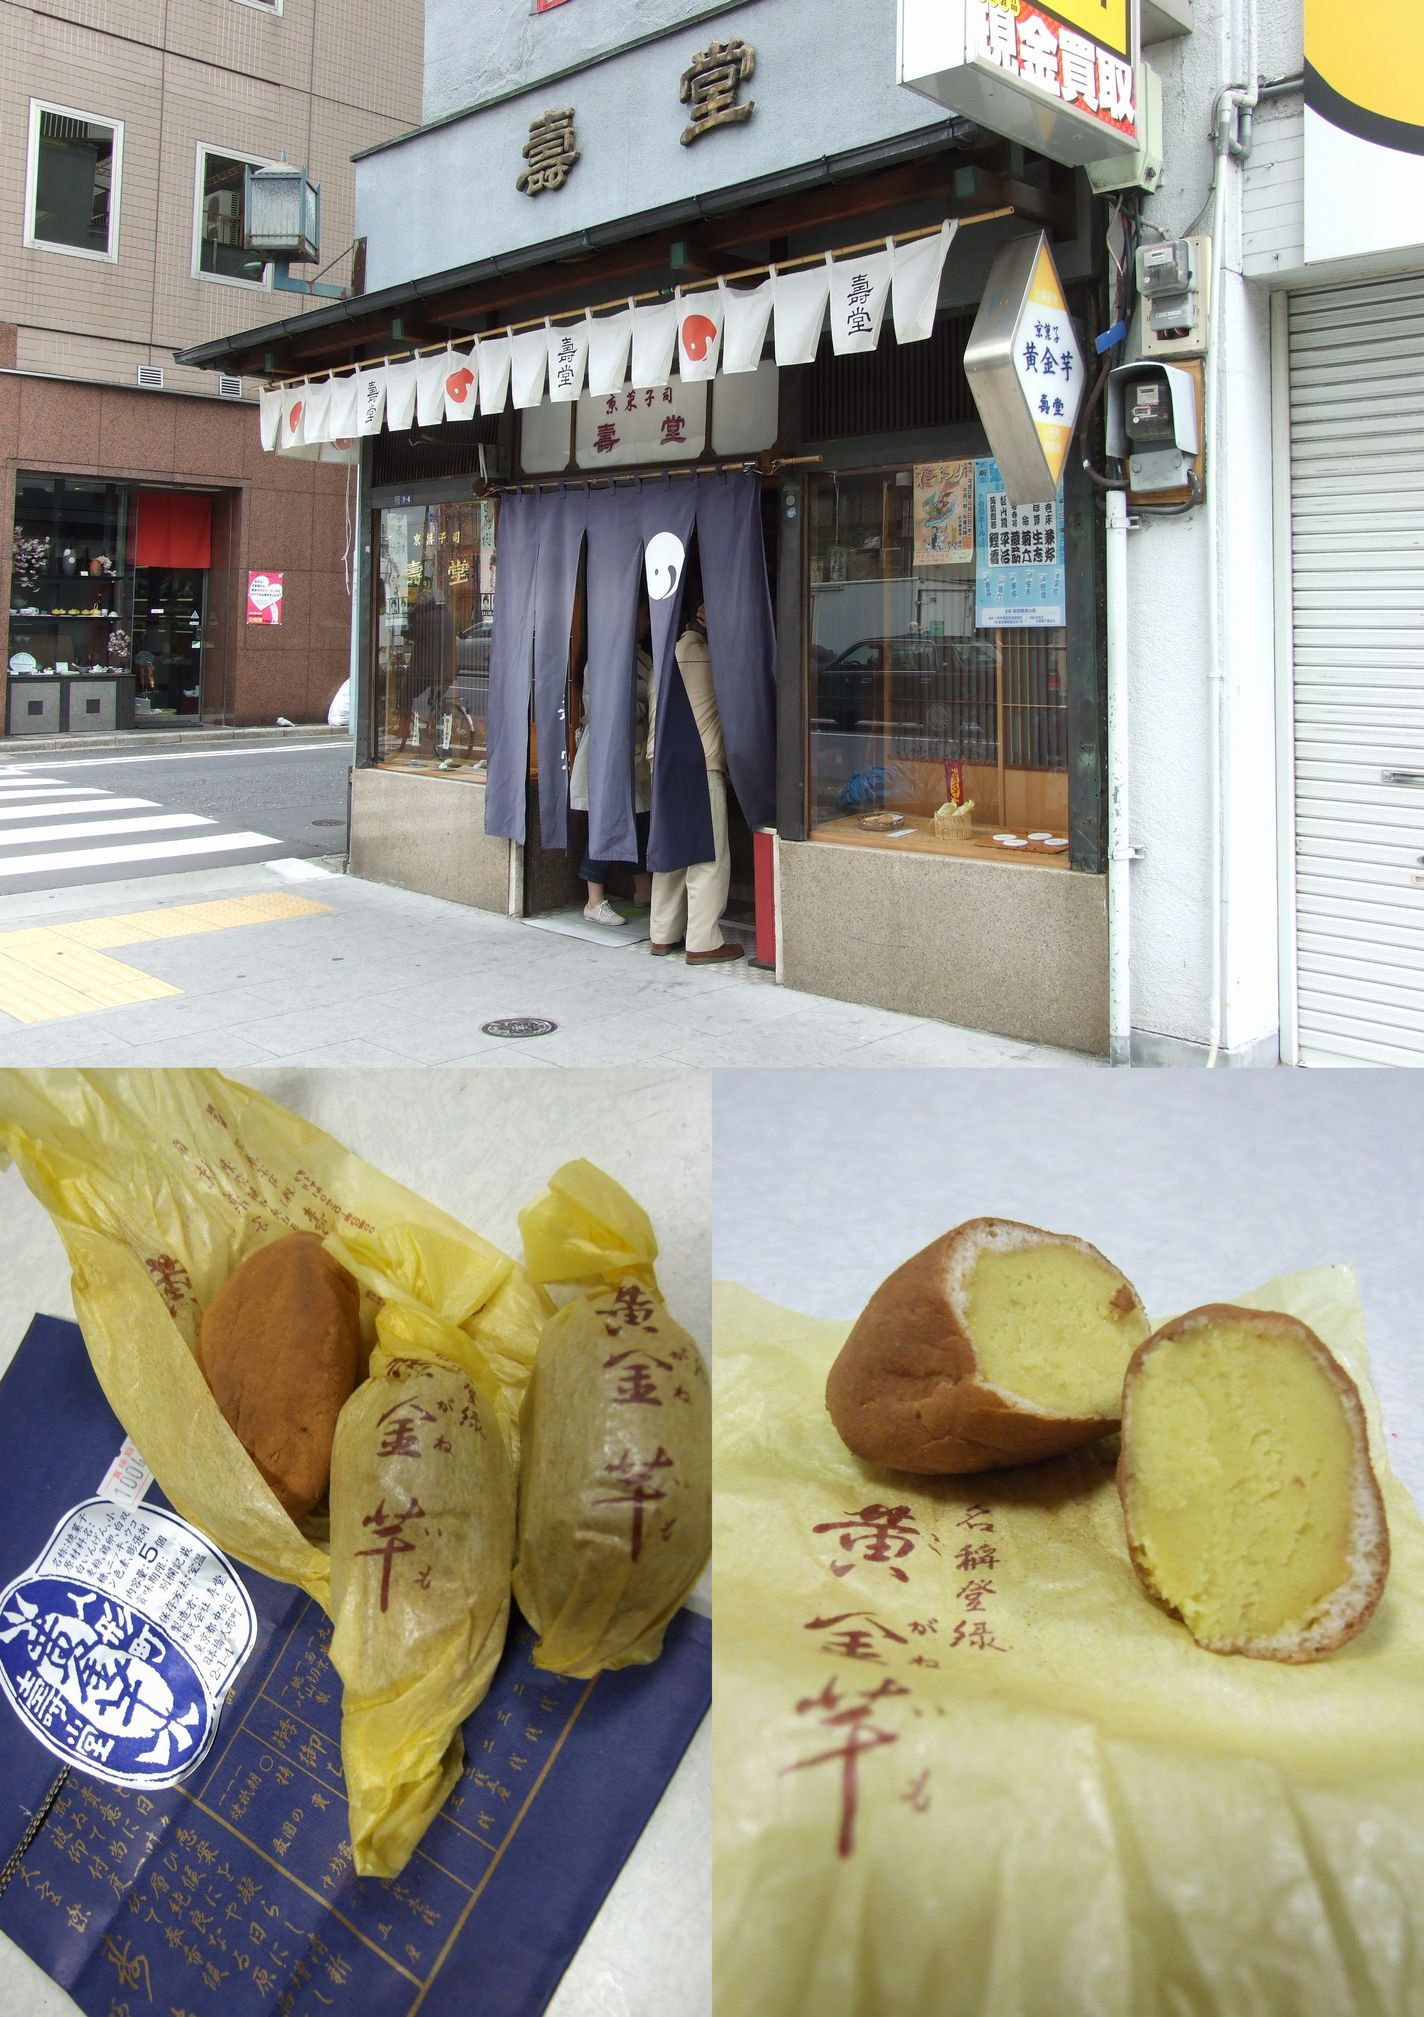 お土産シリーズ人形町 壽堂の黄金芋